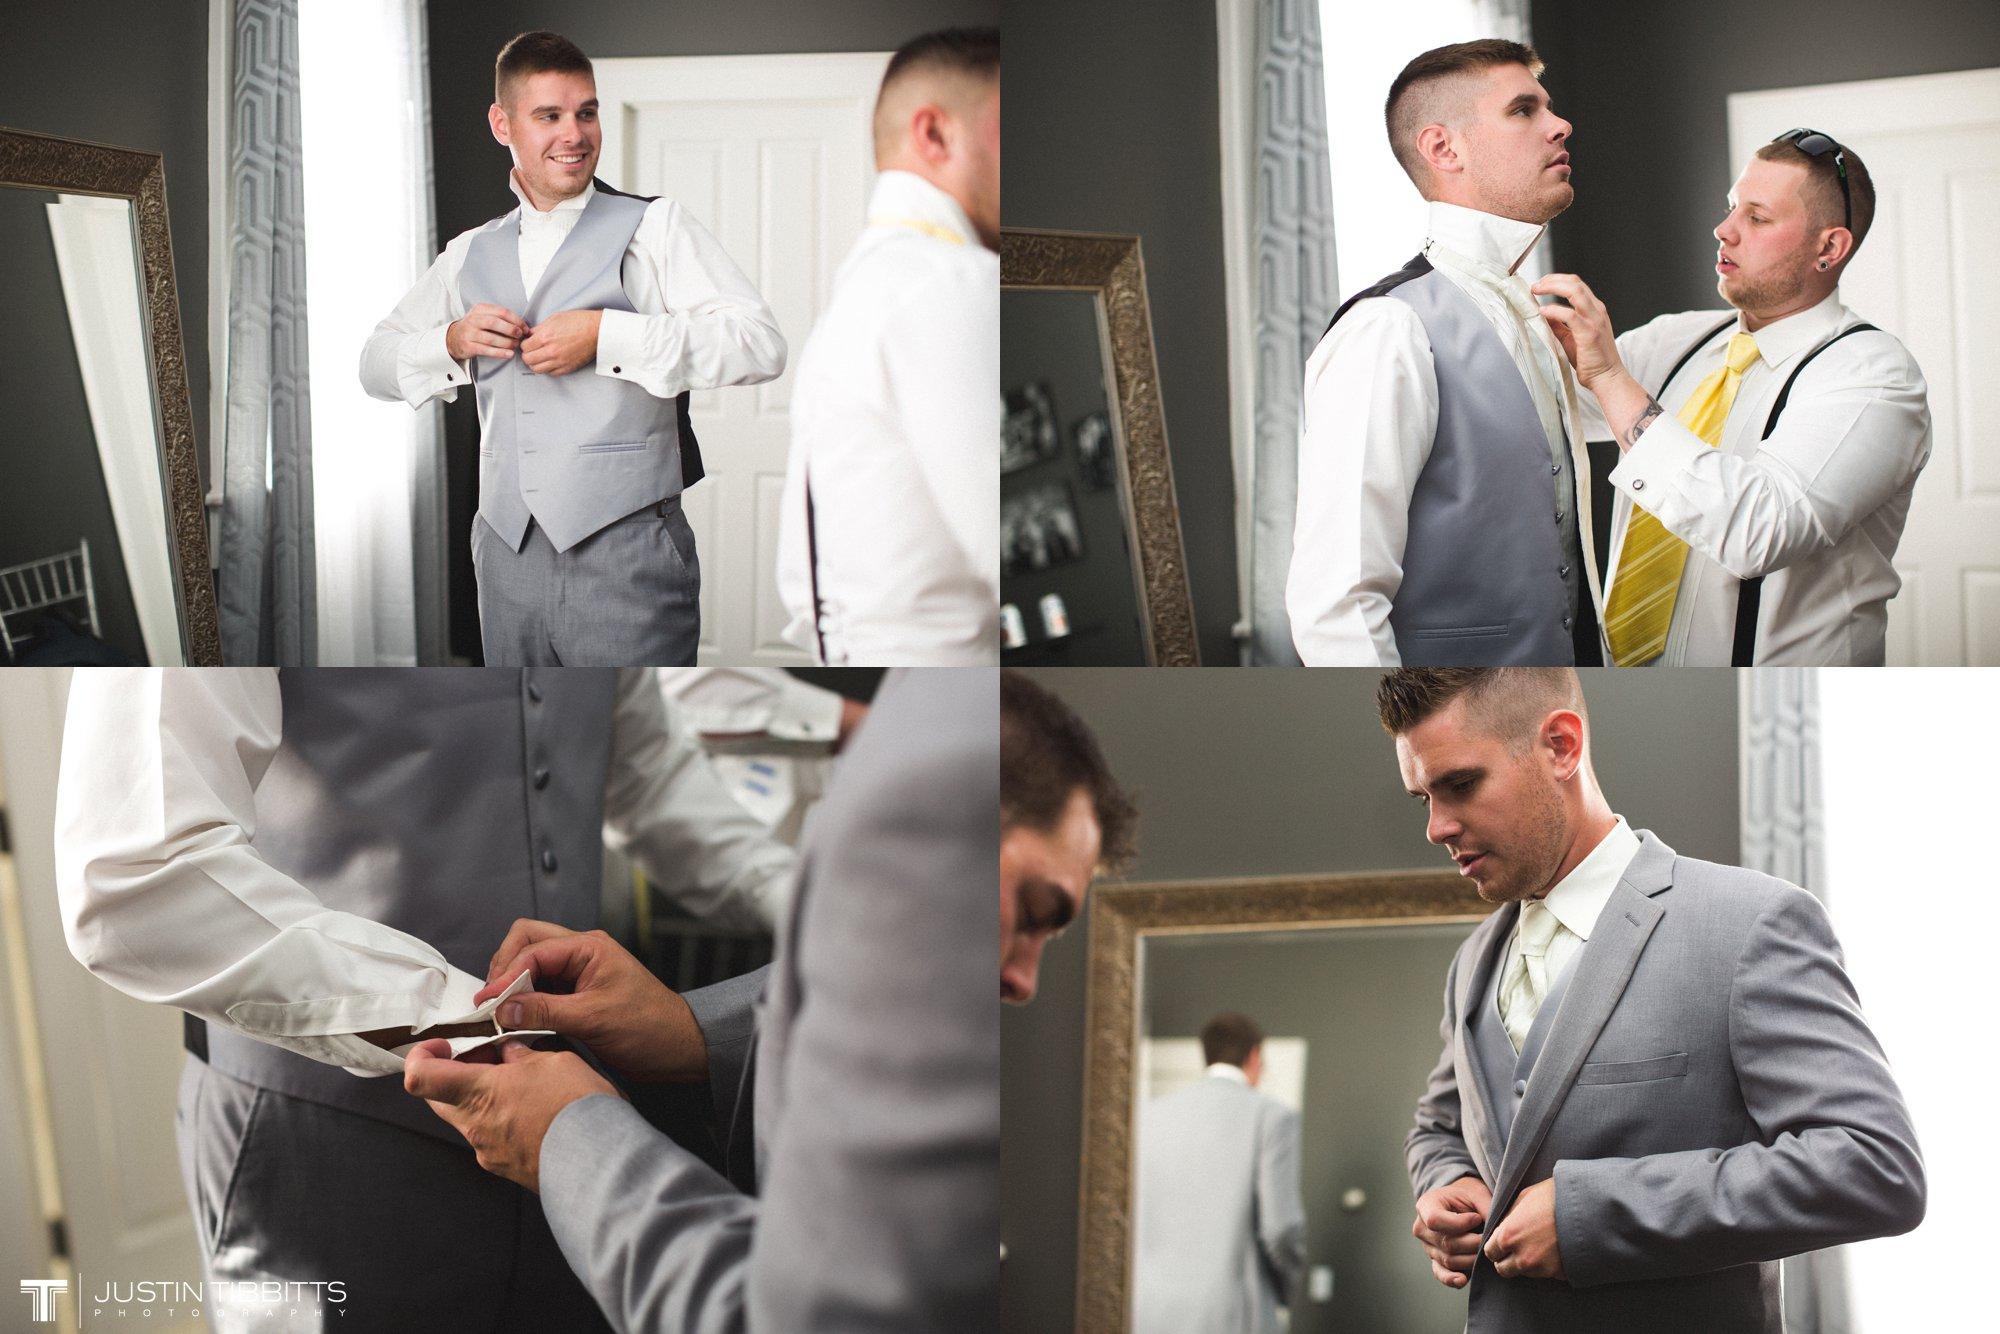 Albany NY Wedding Photographer Justin Tibbitts Photography 2014 Best of Albany NY Weddings-661631